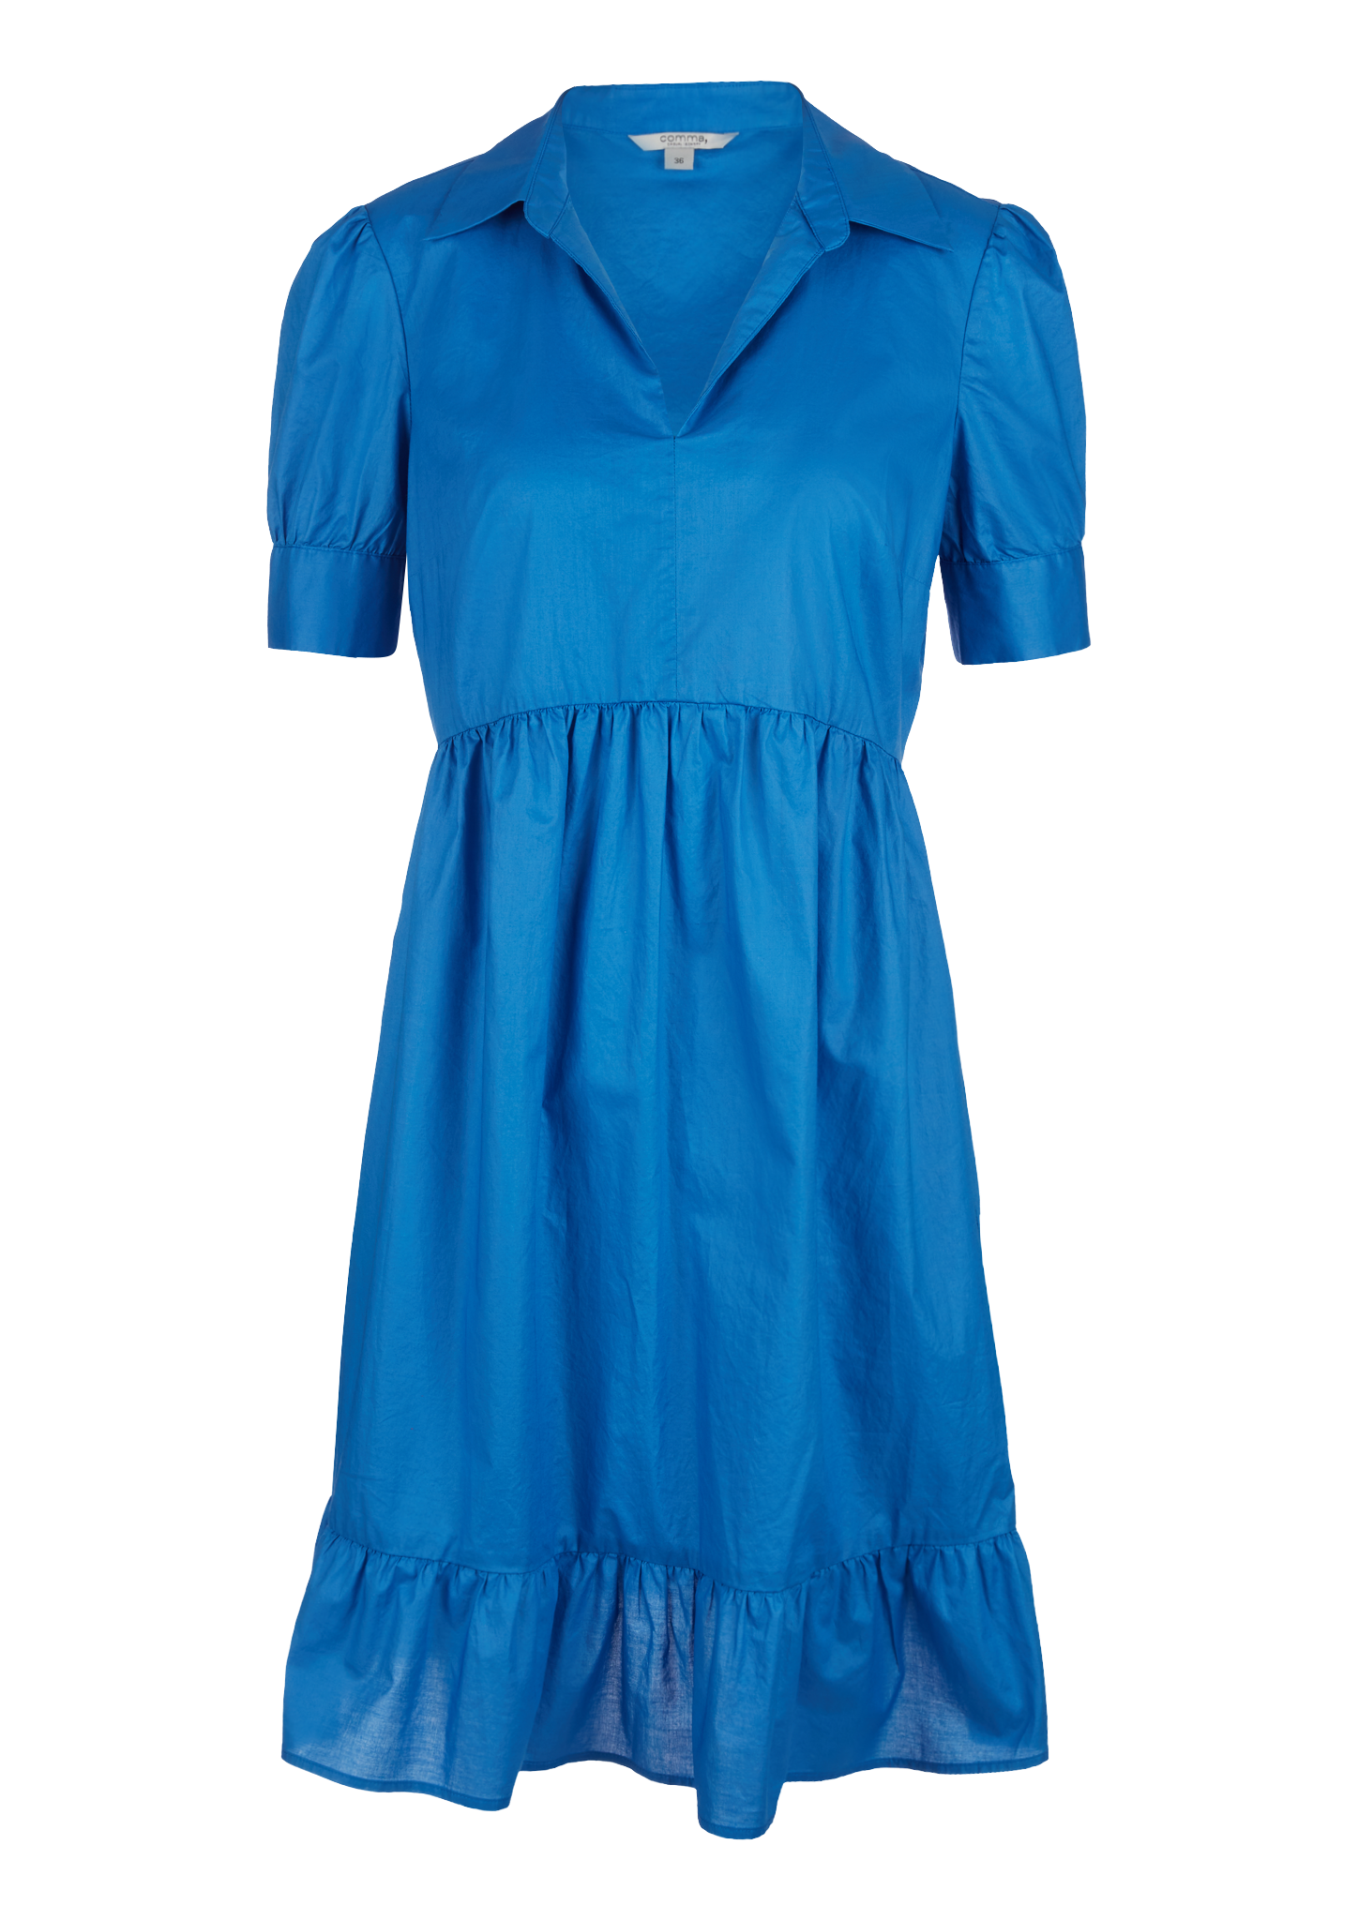 Comma, haljina, 689 kn (cijena bez popusta, popust se obračunava prilikom kupnje)